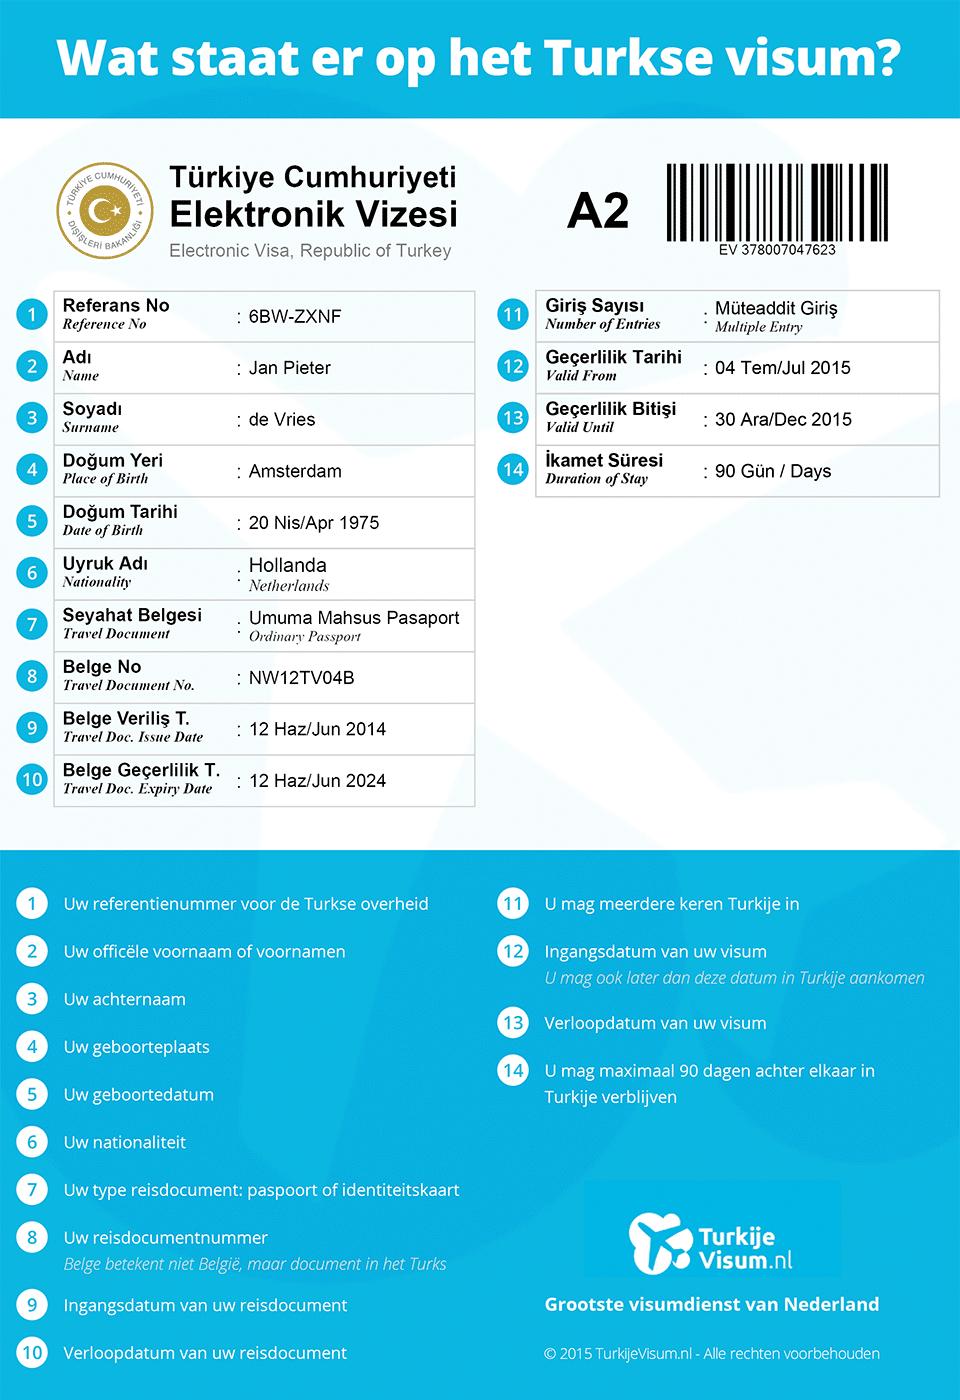 Uitleg van de verschillende onderdelen op het Turkse visum